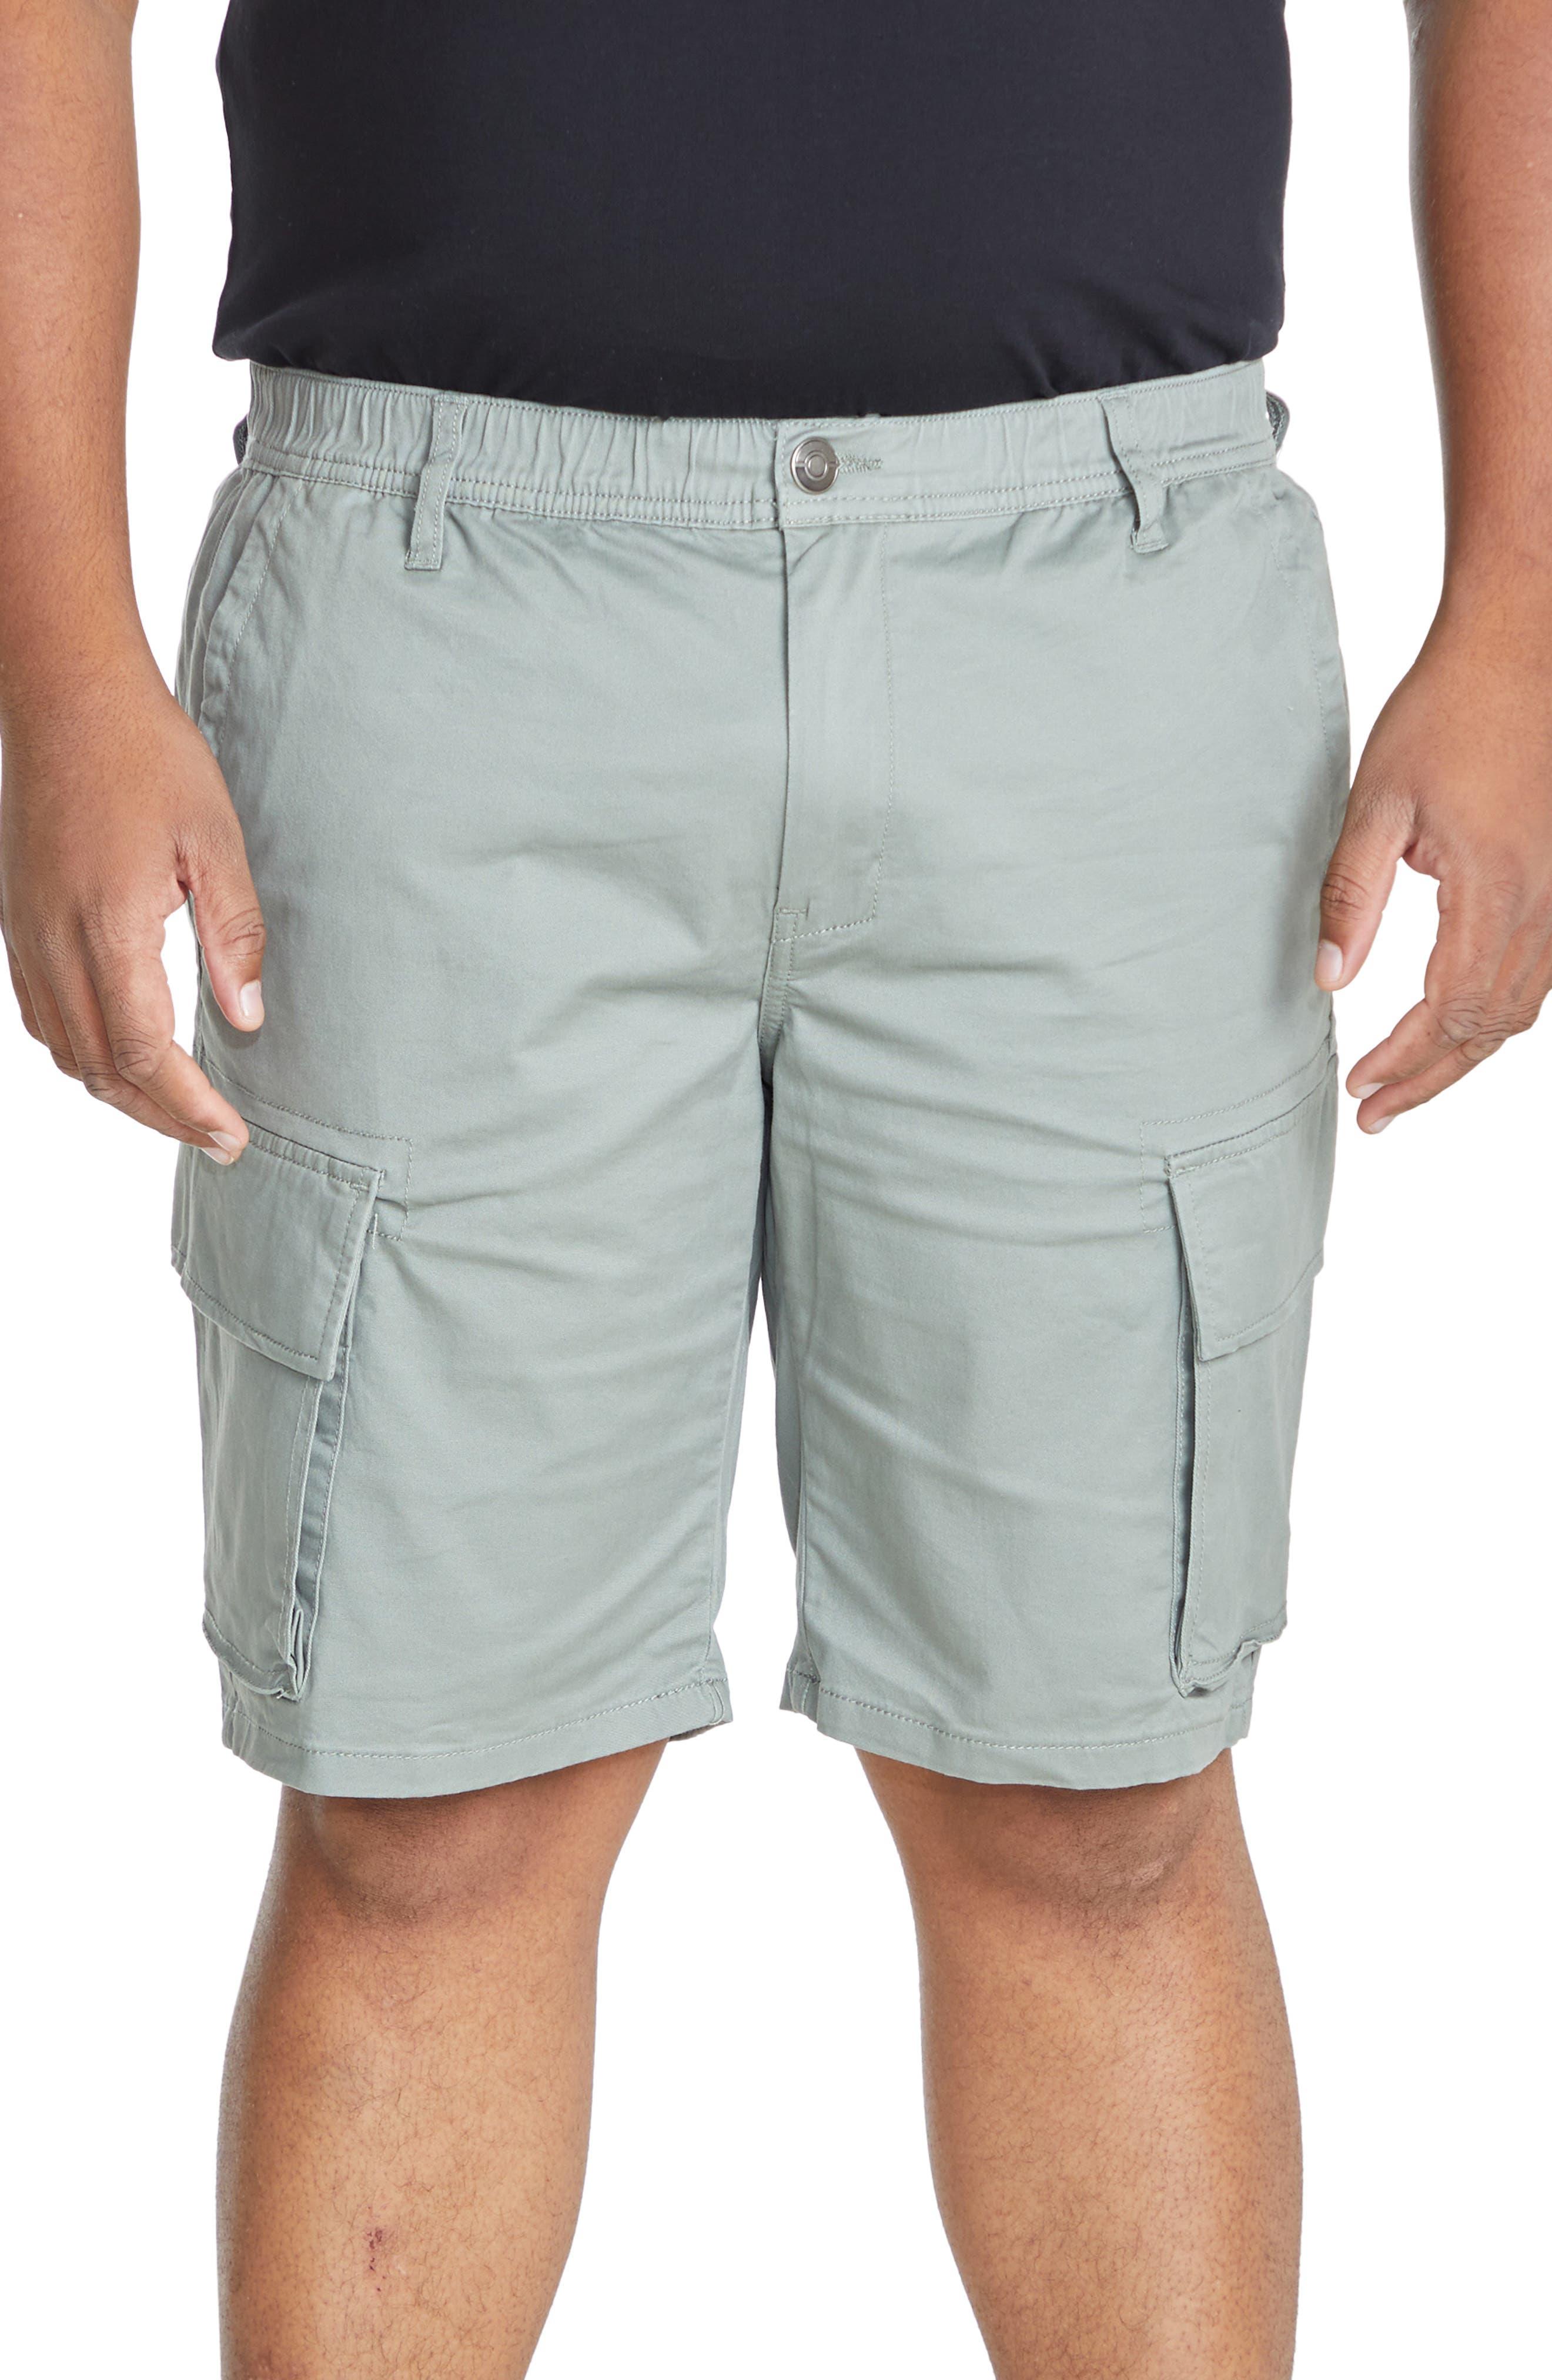 Jordan Cargo Shorts